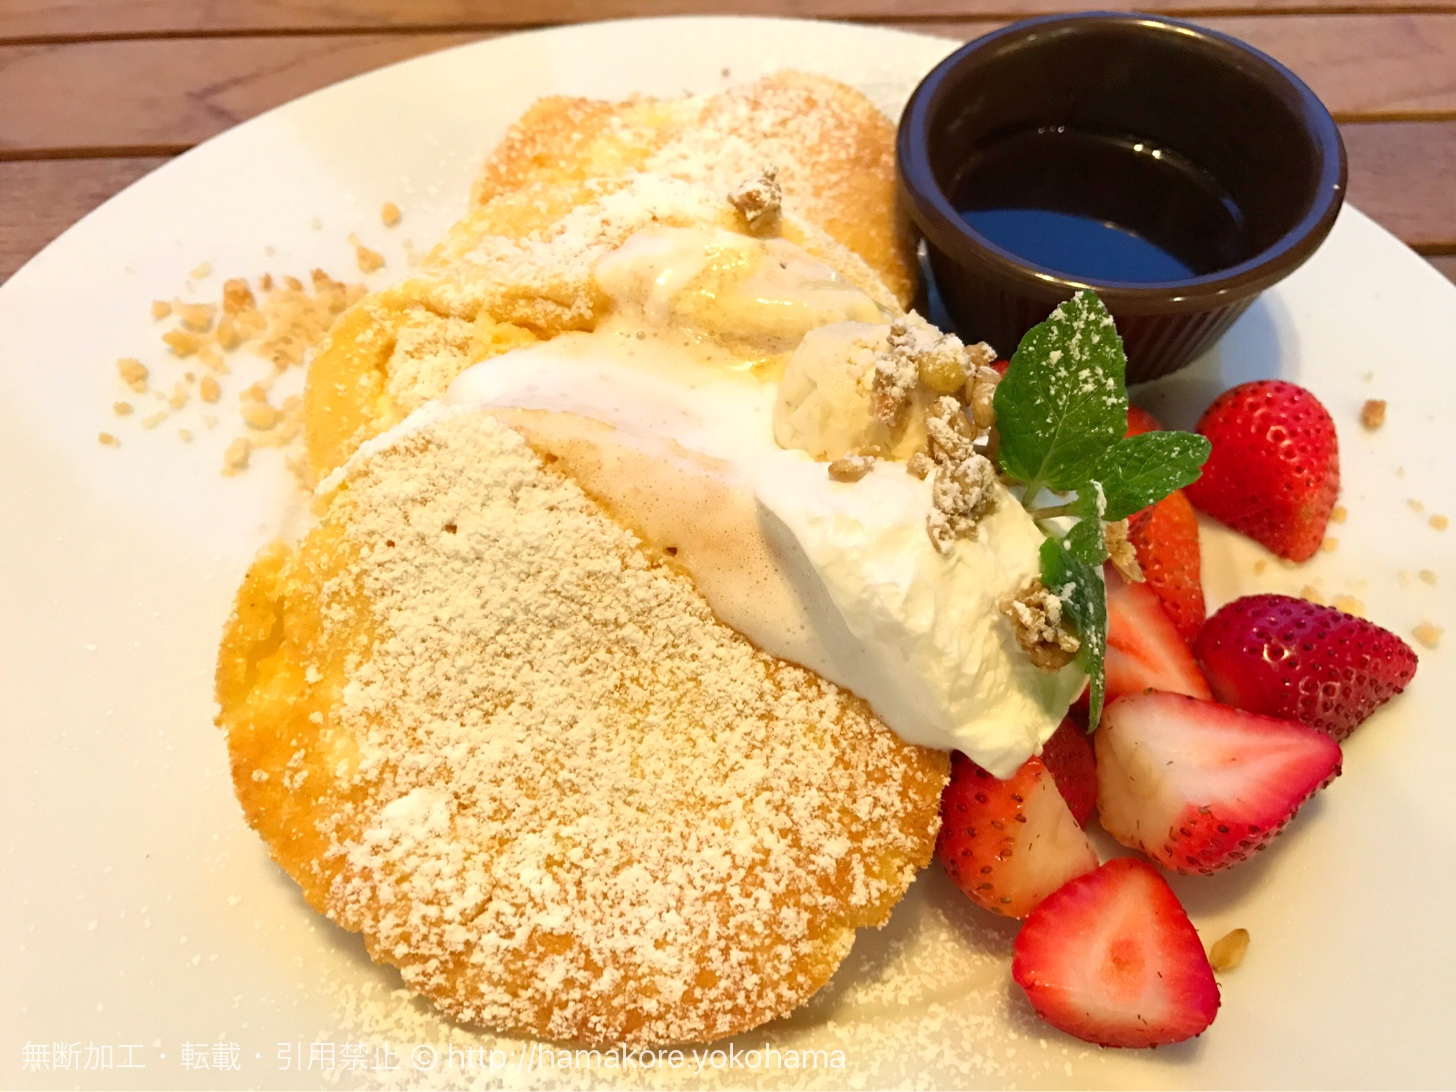 横浜みなとみらい「湘南パンケーキ」で苺たっぷりパンケーキ!場所がわかりにくいので要確認